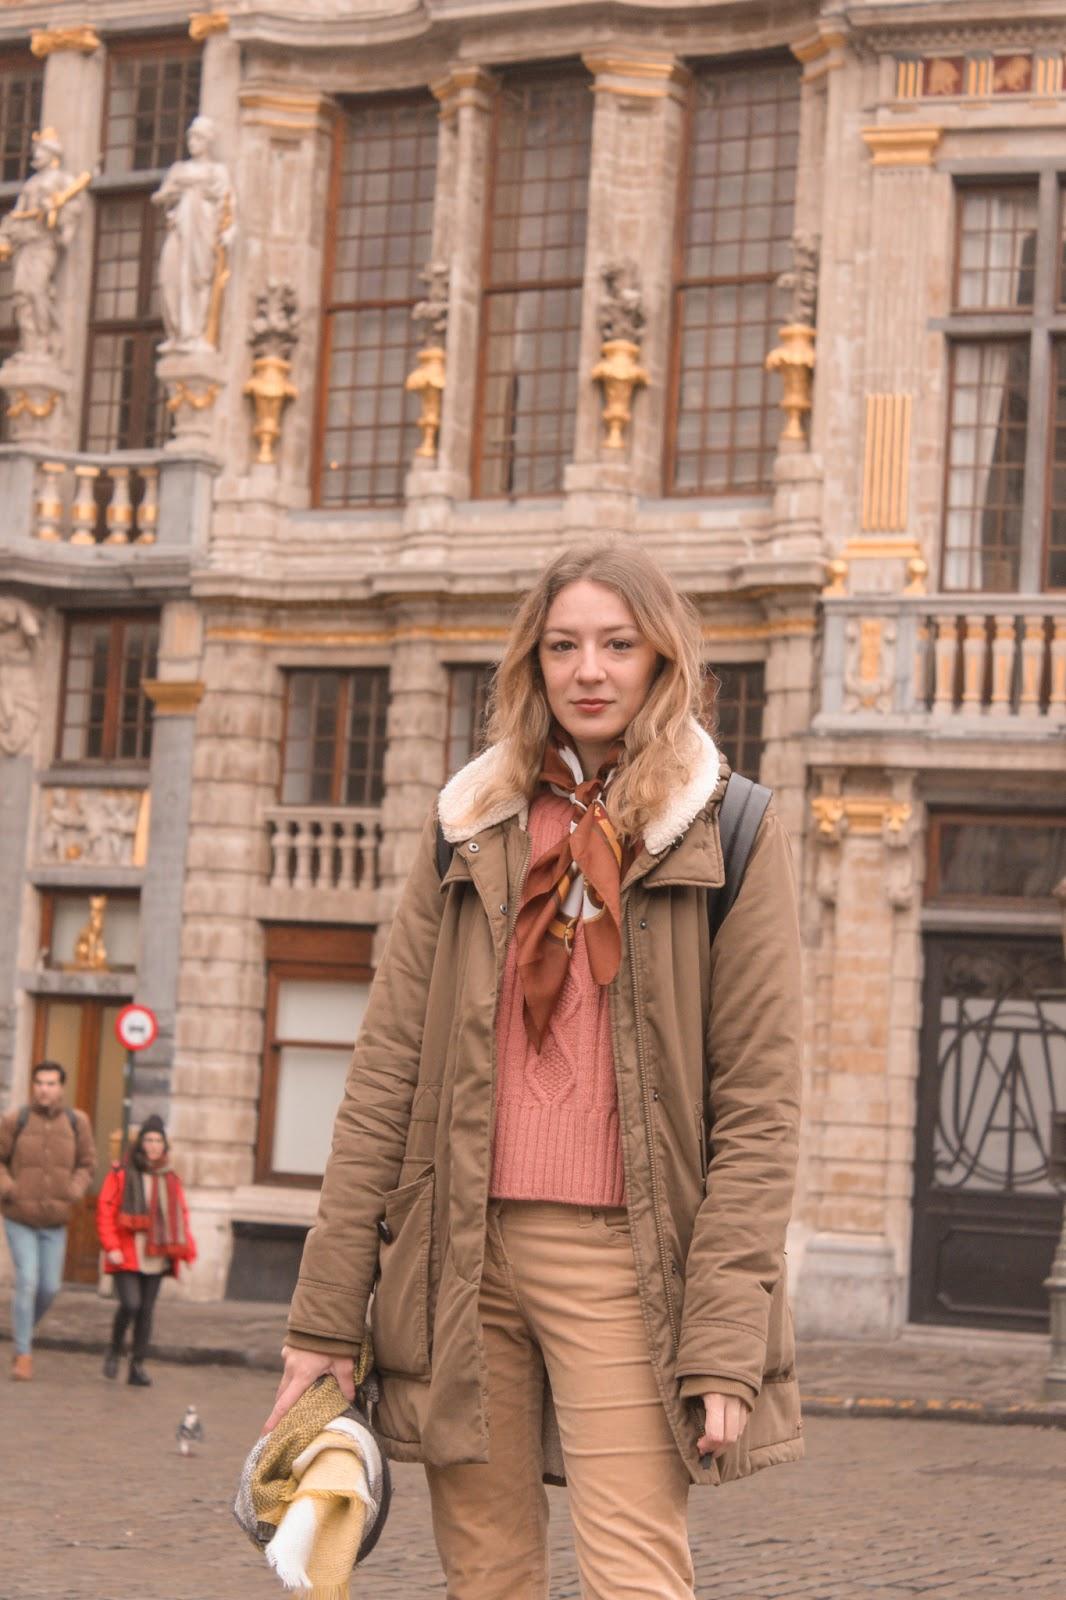 Qué-ver-en-bruselas-bélgica-preppyels-travels